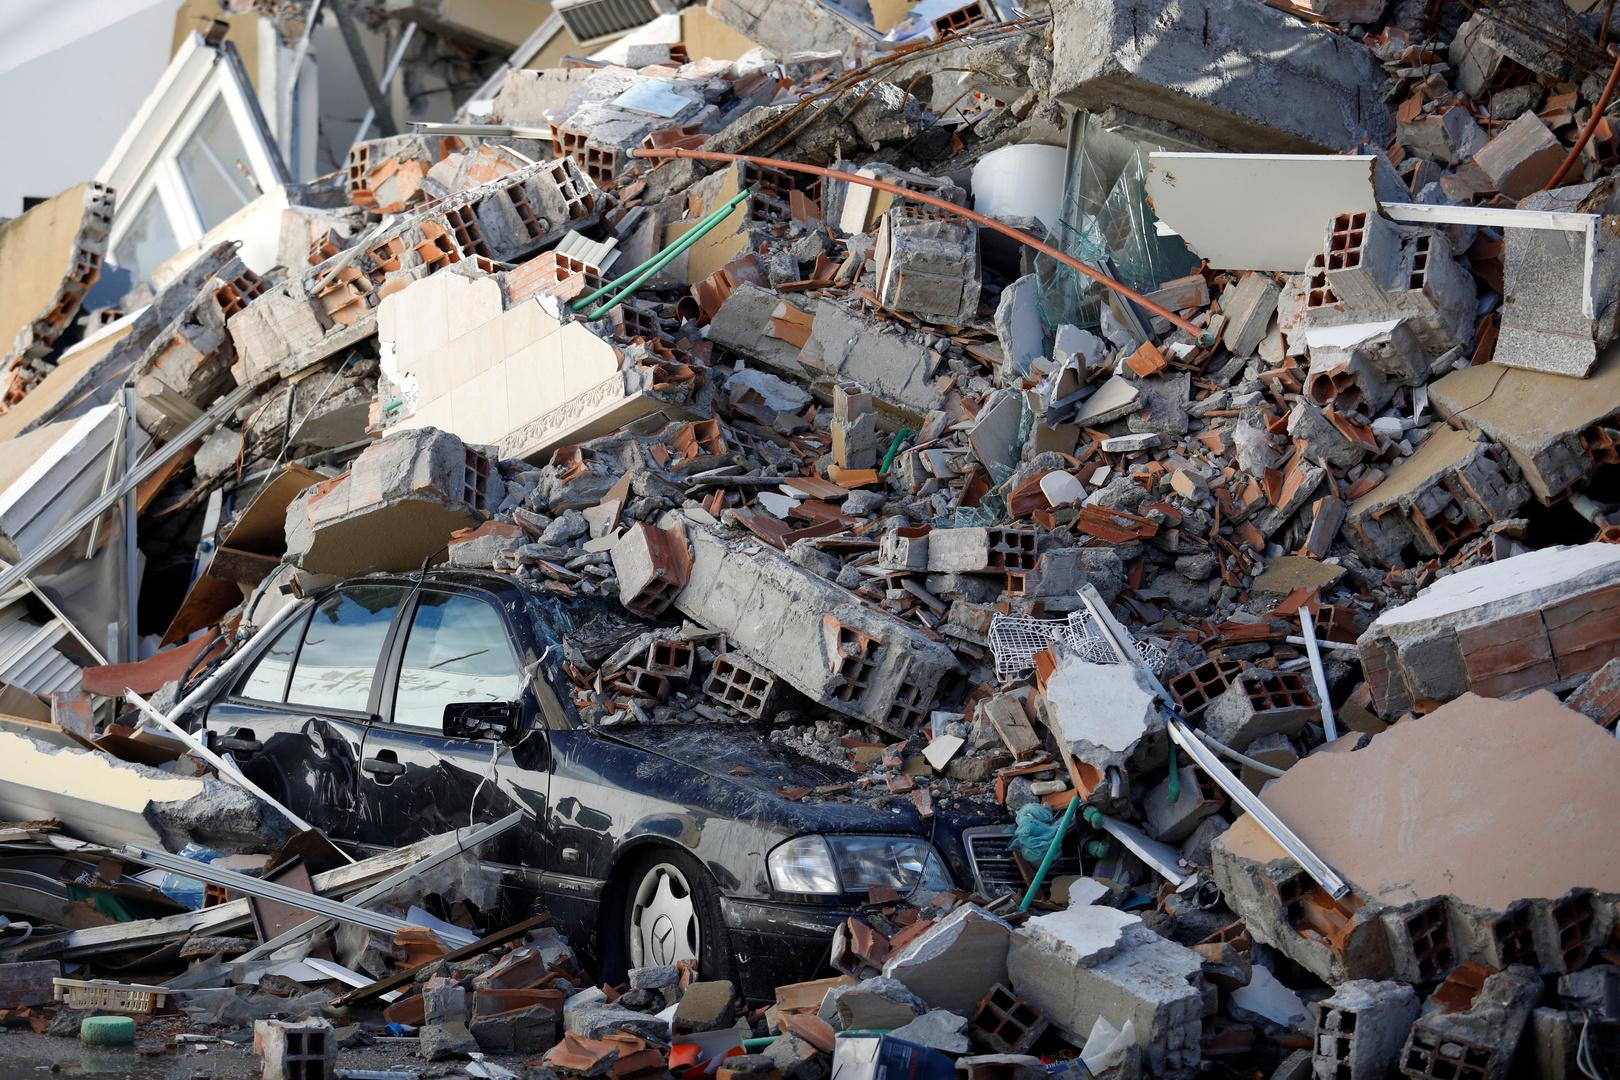 توقيف 9 أشخاص بشبهة التسبب بالقتل بعد زلزال هز ألبانيا